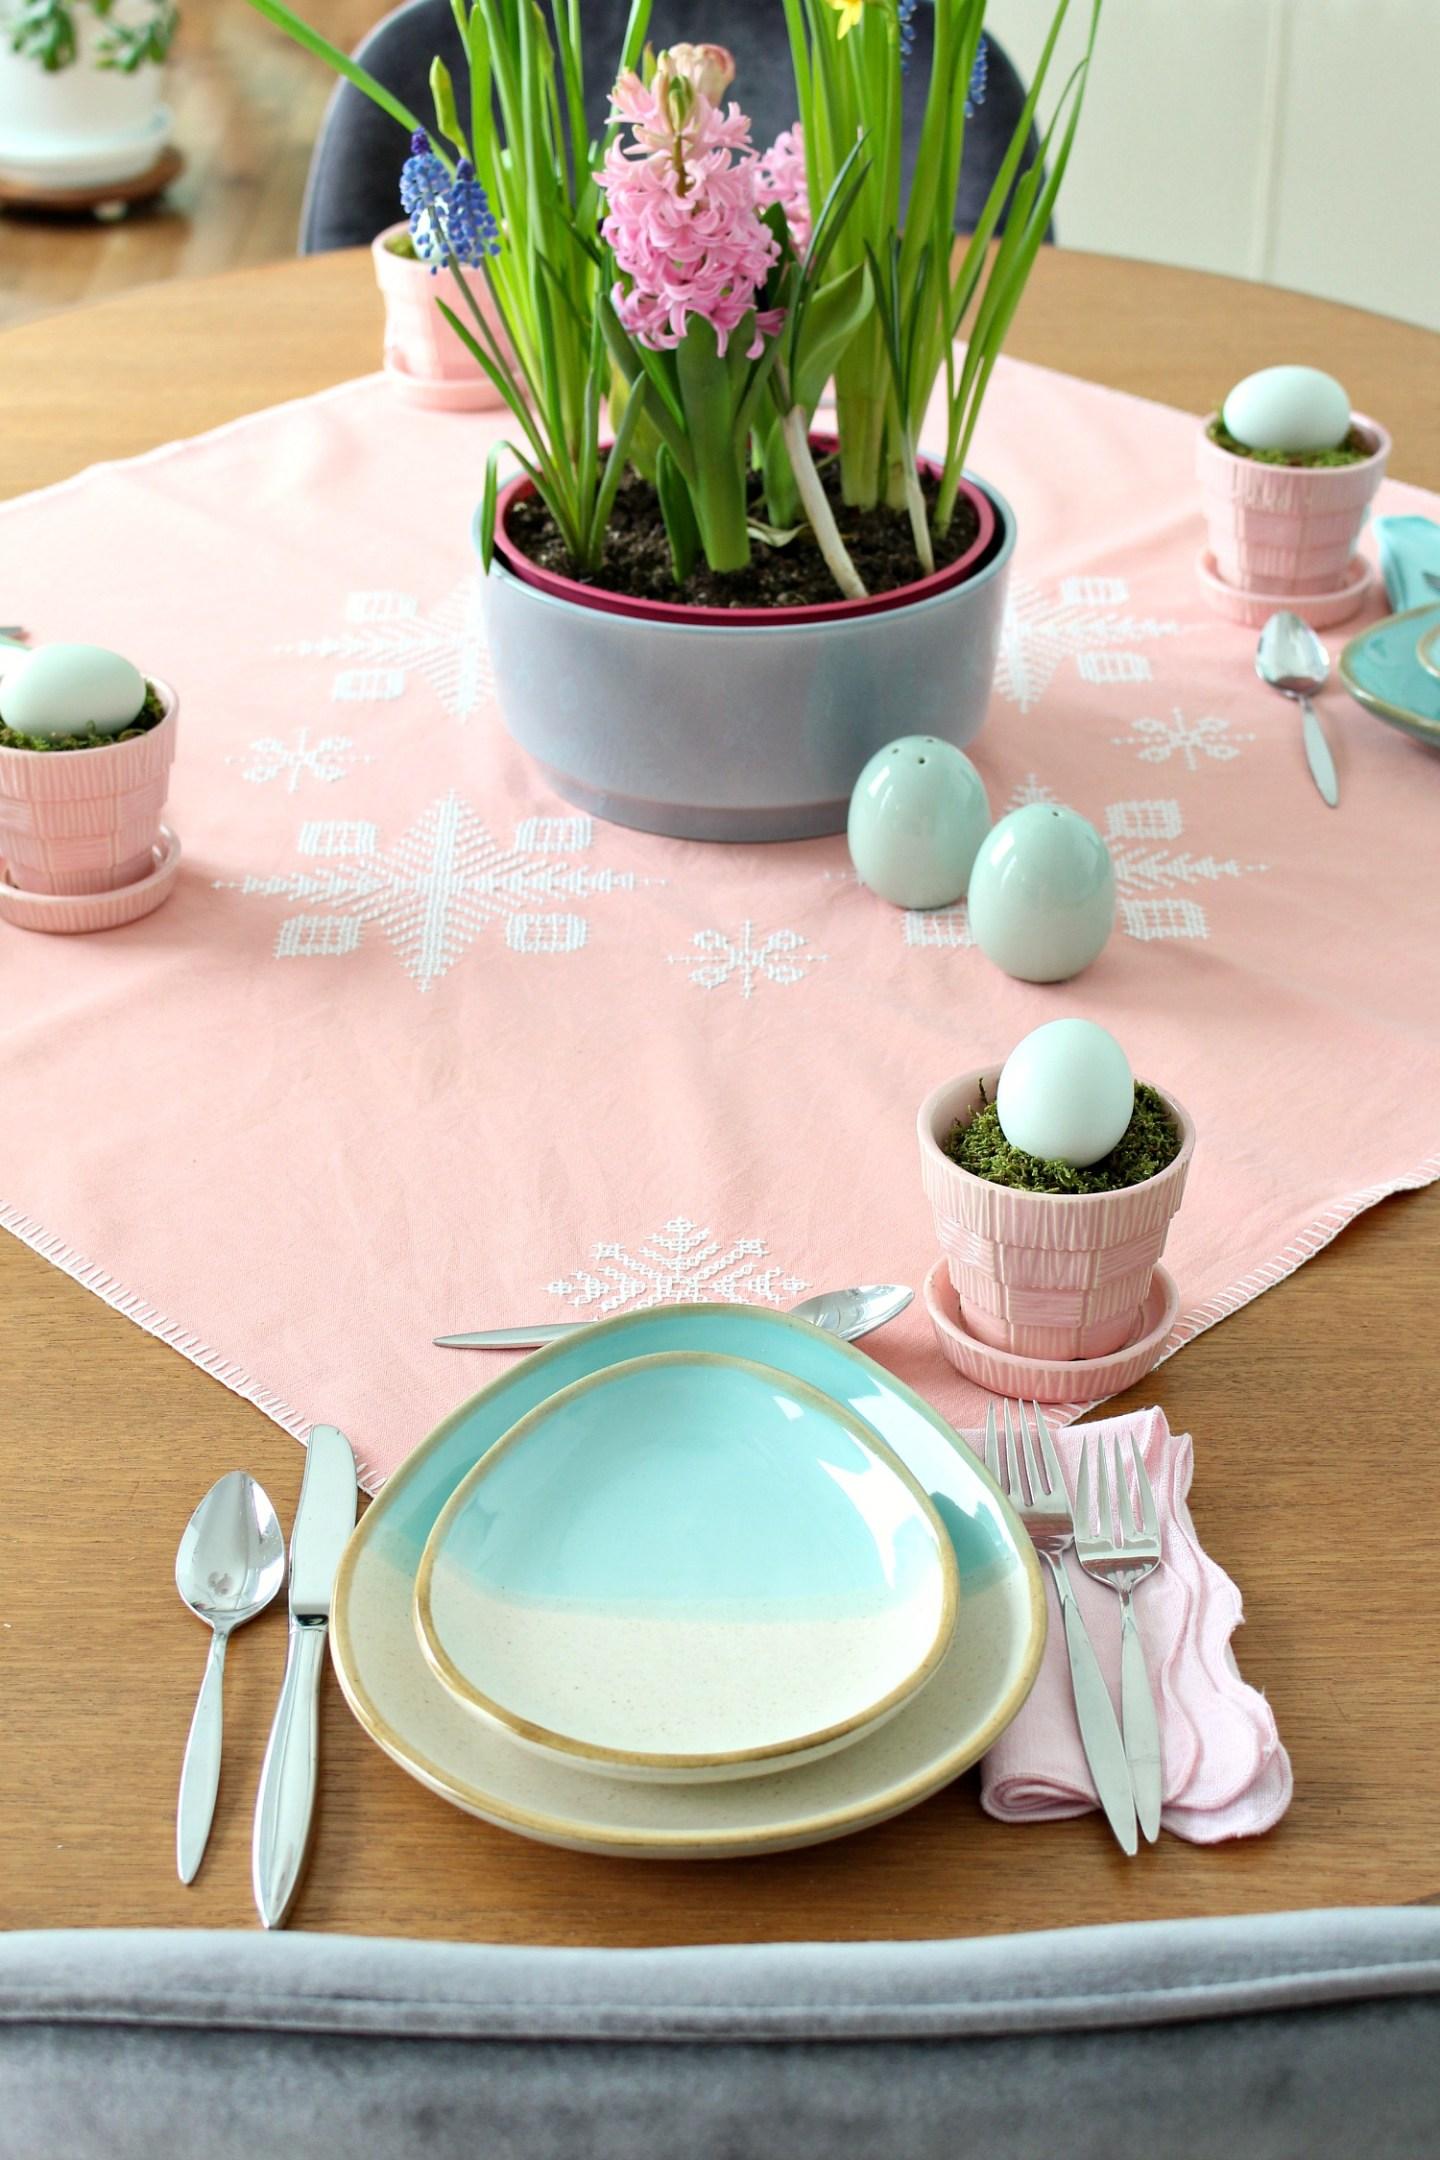 turquoise egg shaped plates